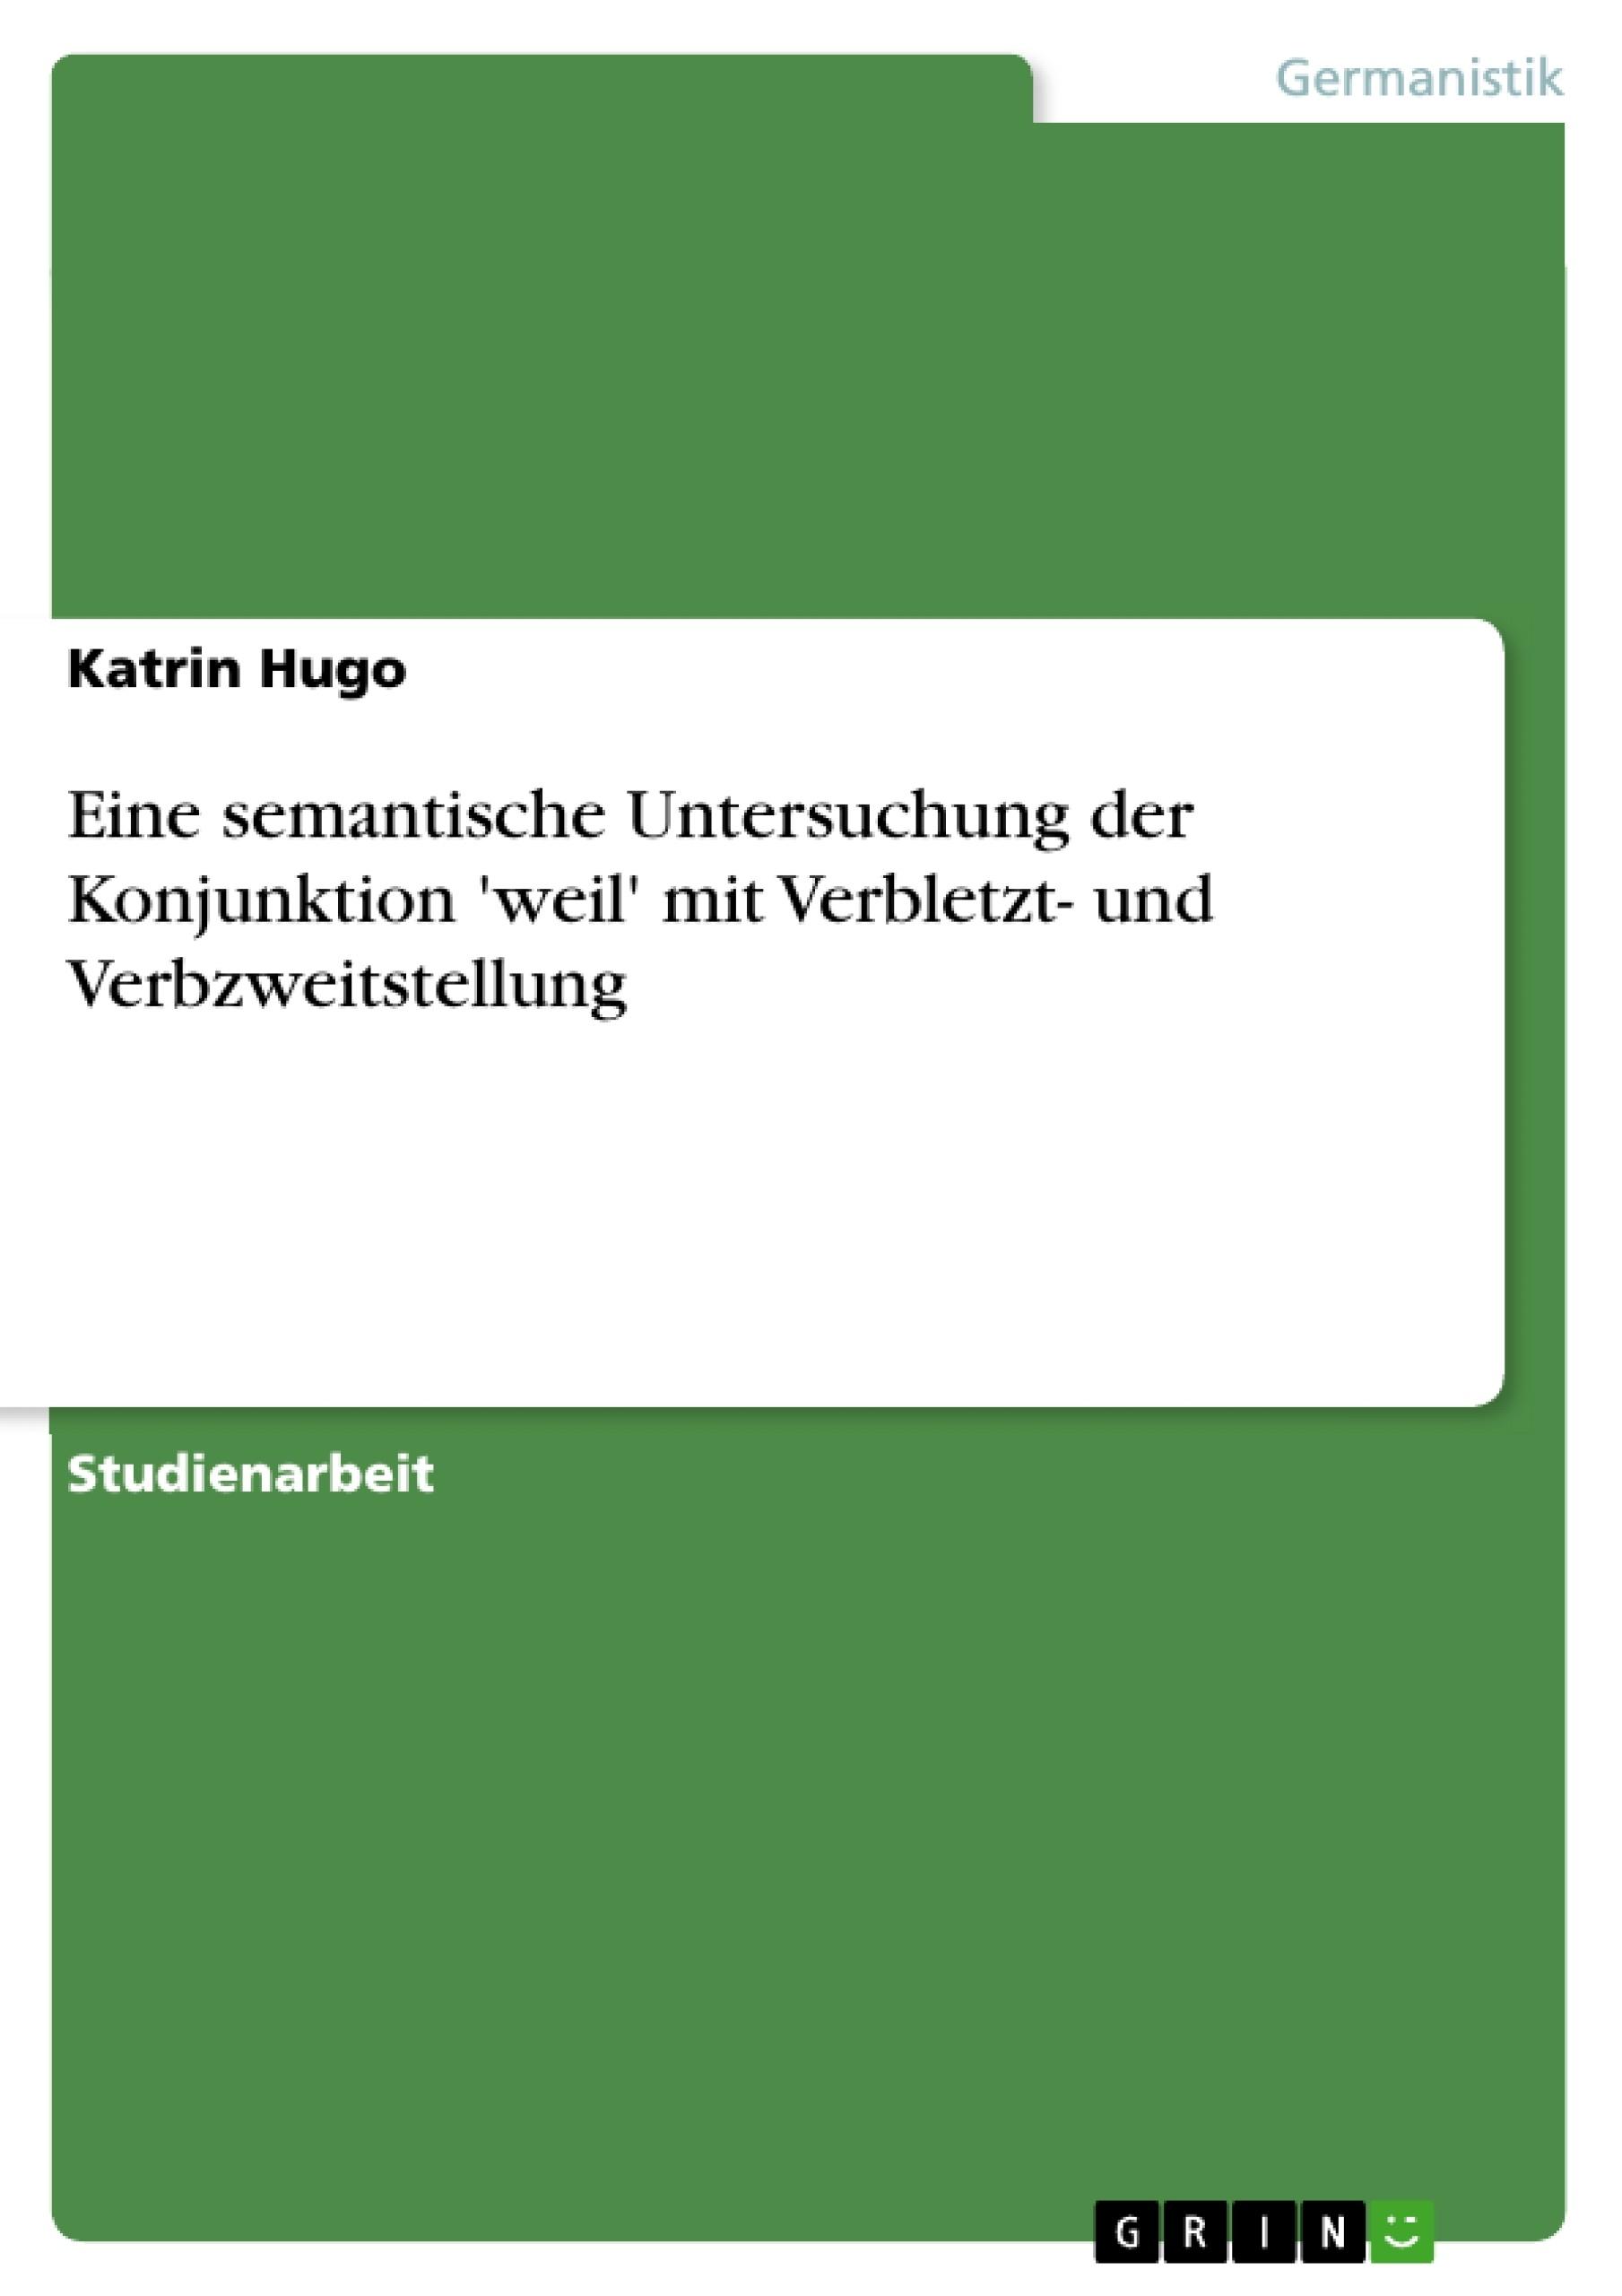 Titel: Eine semantische Untersuchung der Konjunktion 'weil' mit Verbletzt- und Verbzweitstellung